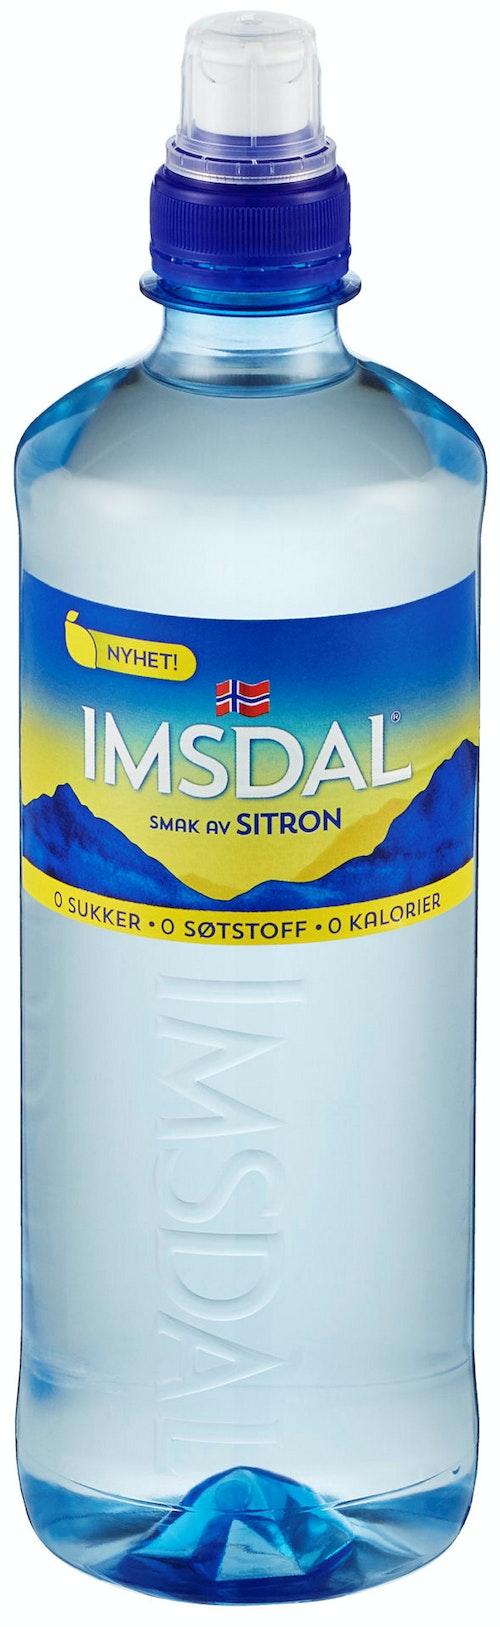 Imsdal Imsdal Sitron 0 kalorier, 0,65 l